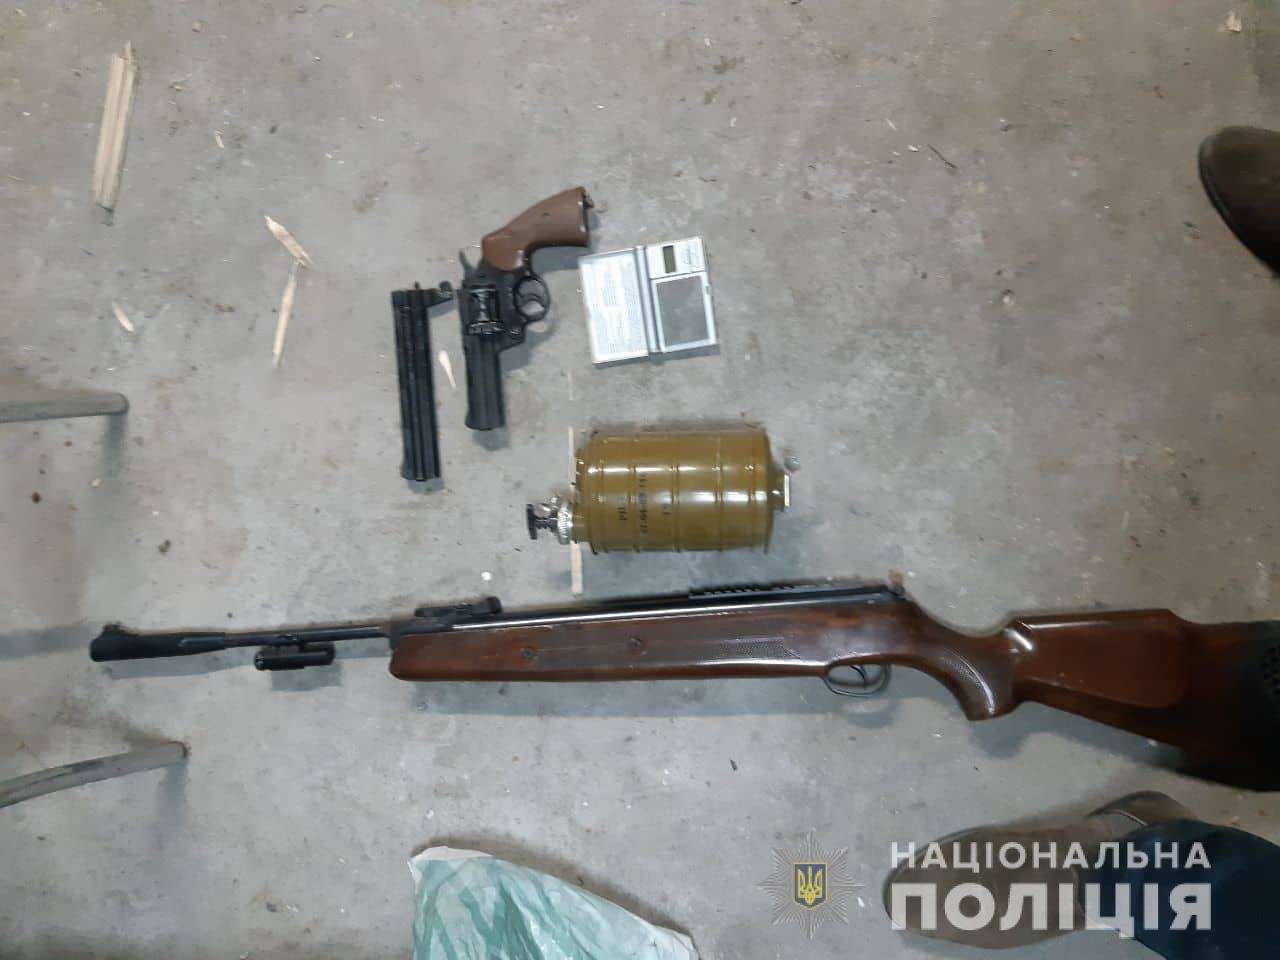 На Ужгородщині силовики знайшли у 42-річного чоловіка цілий арсенал зброї та шприци з наркотиками (ФОТО), фото-3